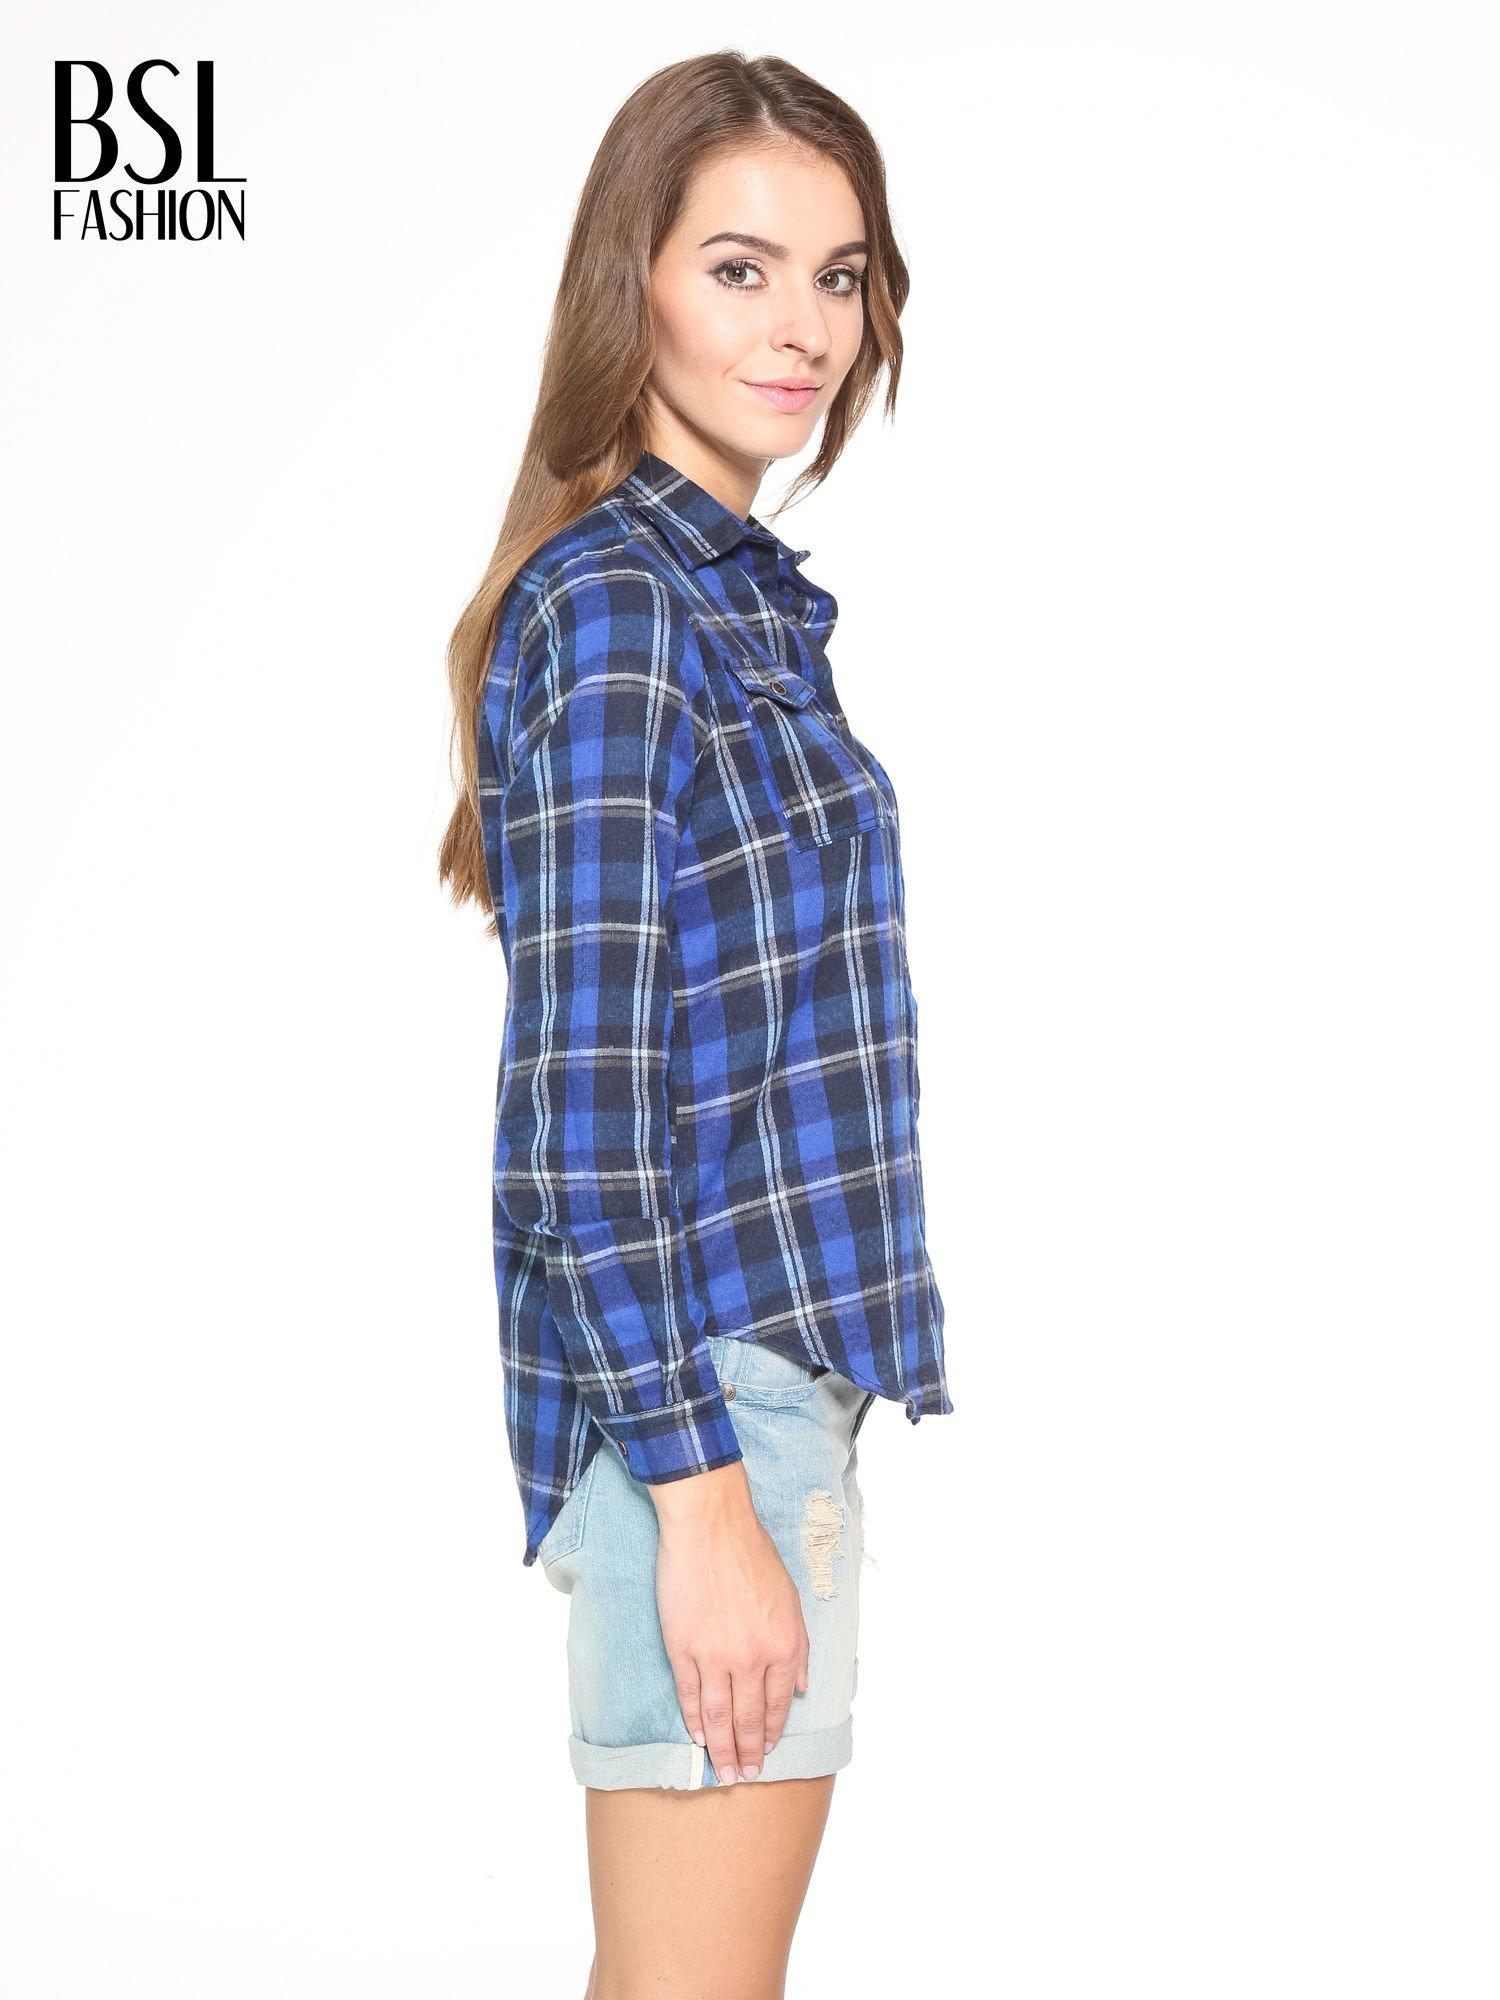 Granatowa damska koszula w kratę z kieszonkami                                  zdj.                                  3